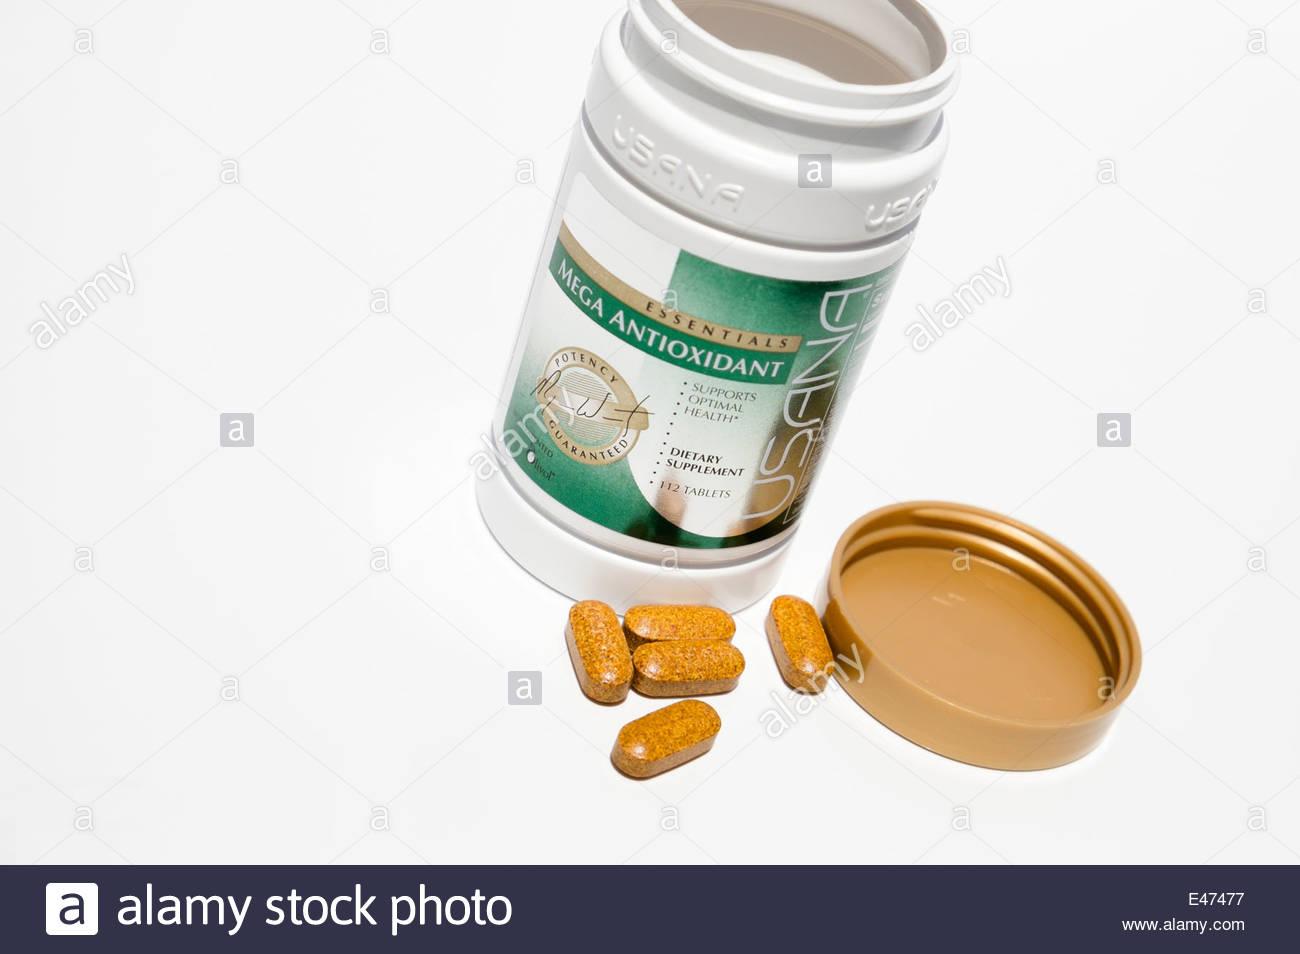 Les comprimés de marque mega antioxidant Usana sur la table d'examen Photo Stock